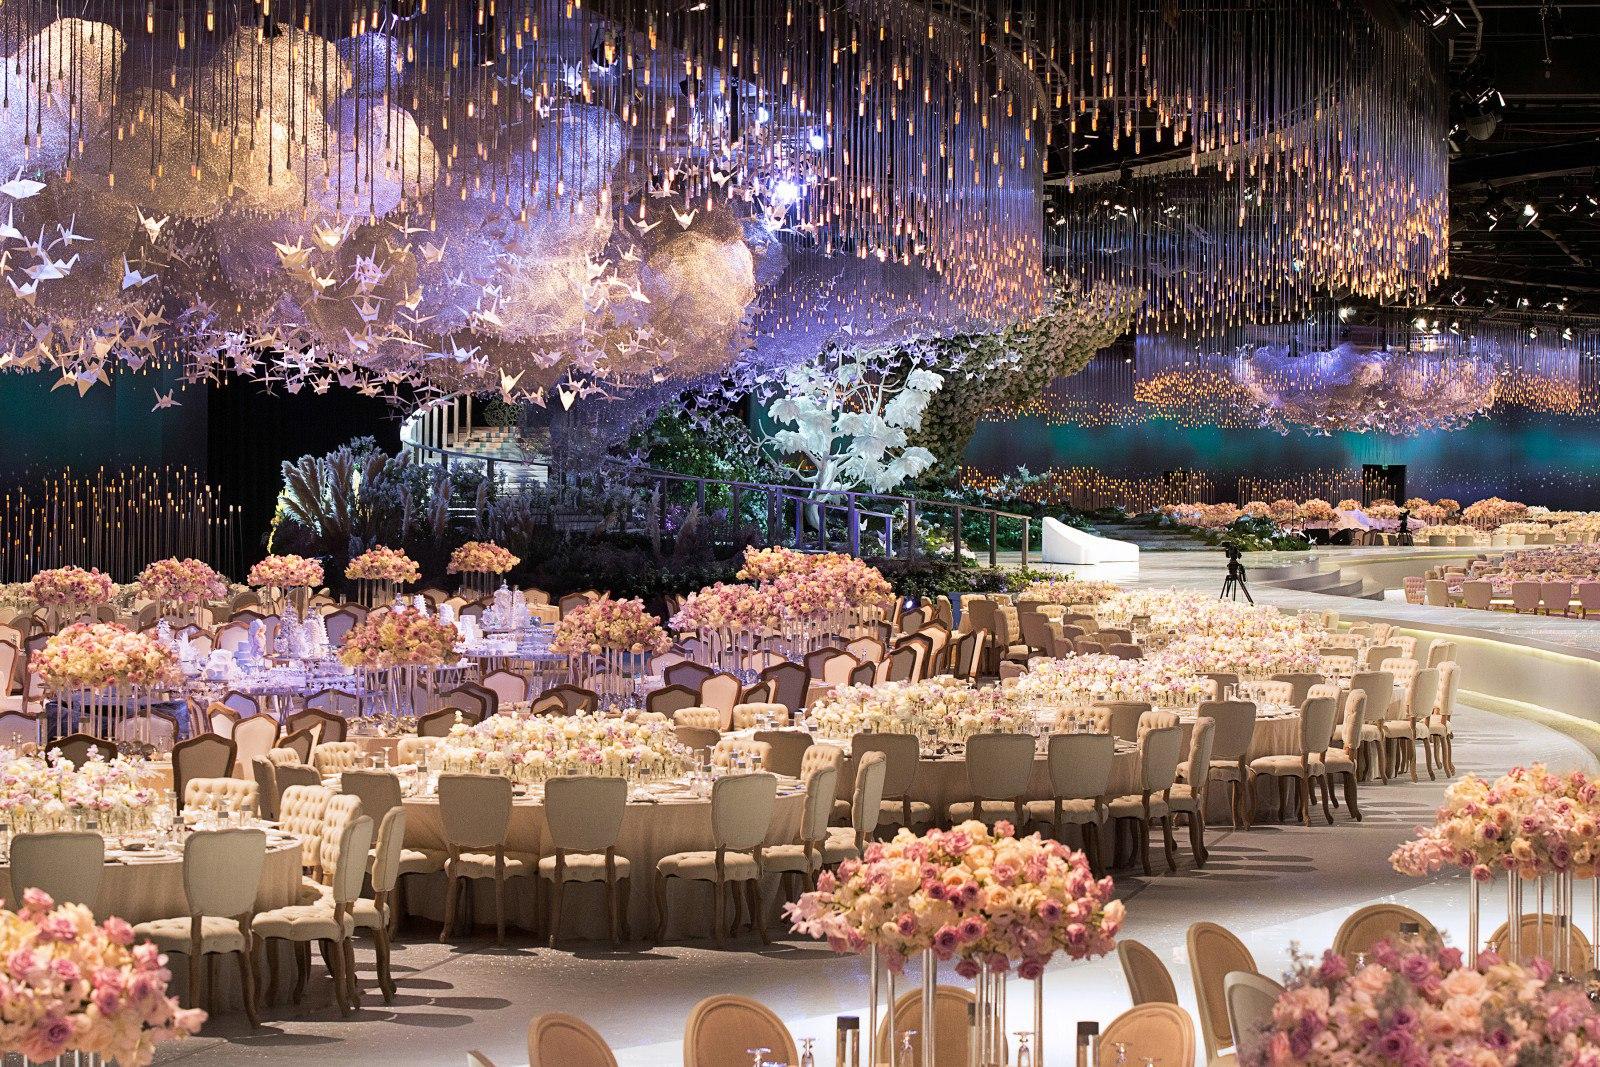 9HB7HBGL2XI - Организация и проведение свадьбы: на чем сэкономить?